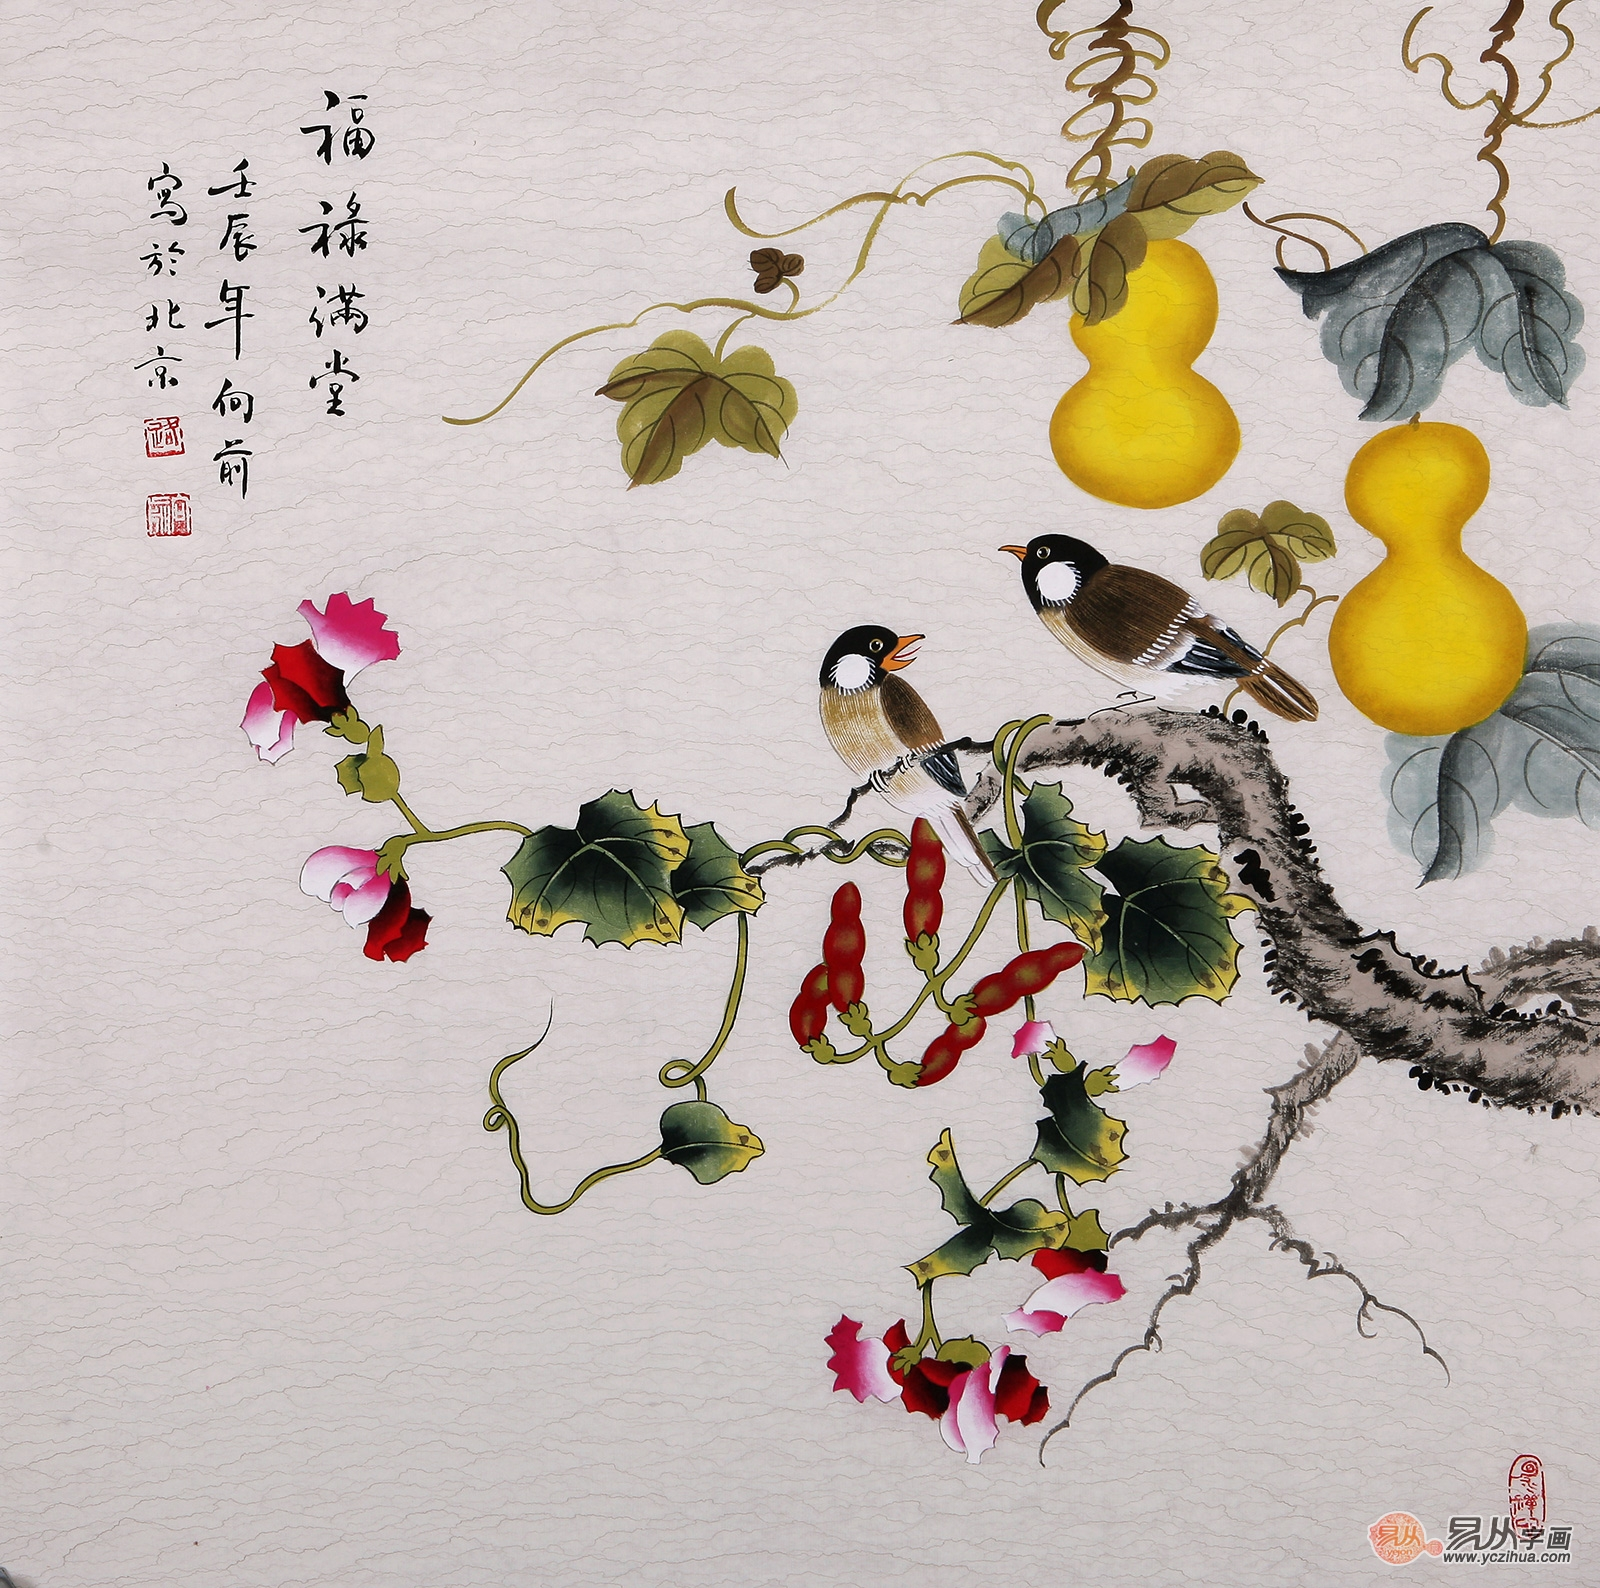 路向前《福禄满堂之二》,斗方花鸟画,国画葫芦-【易从